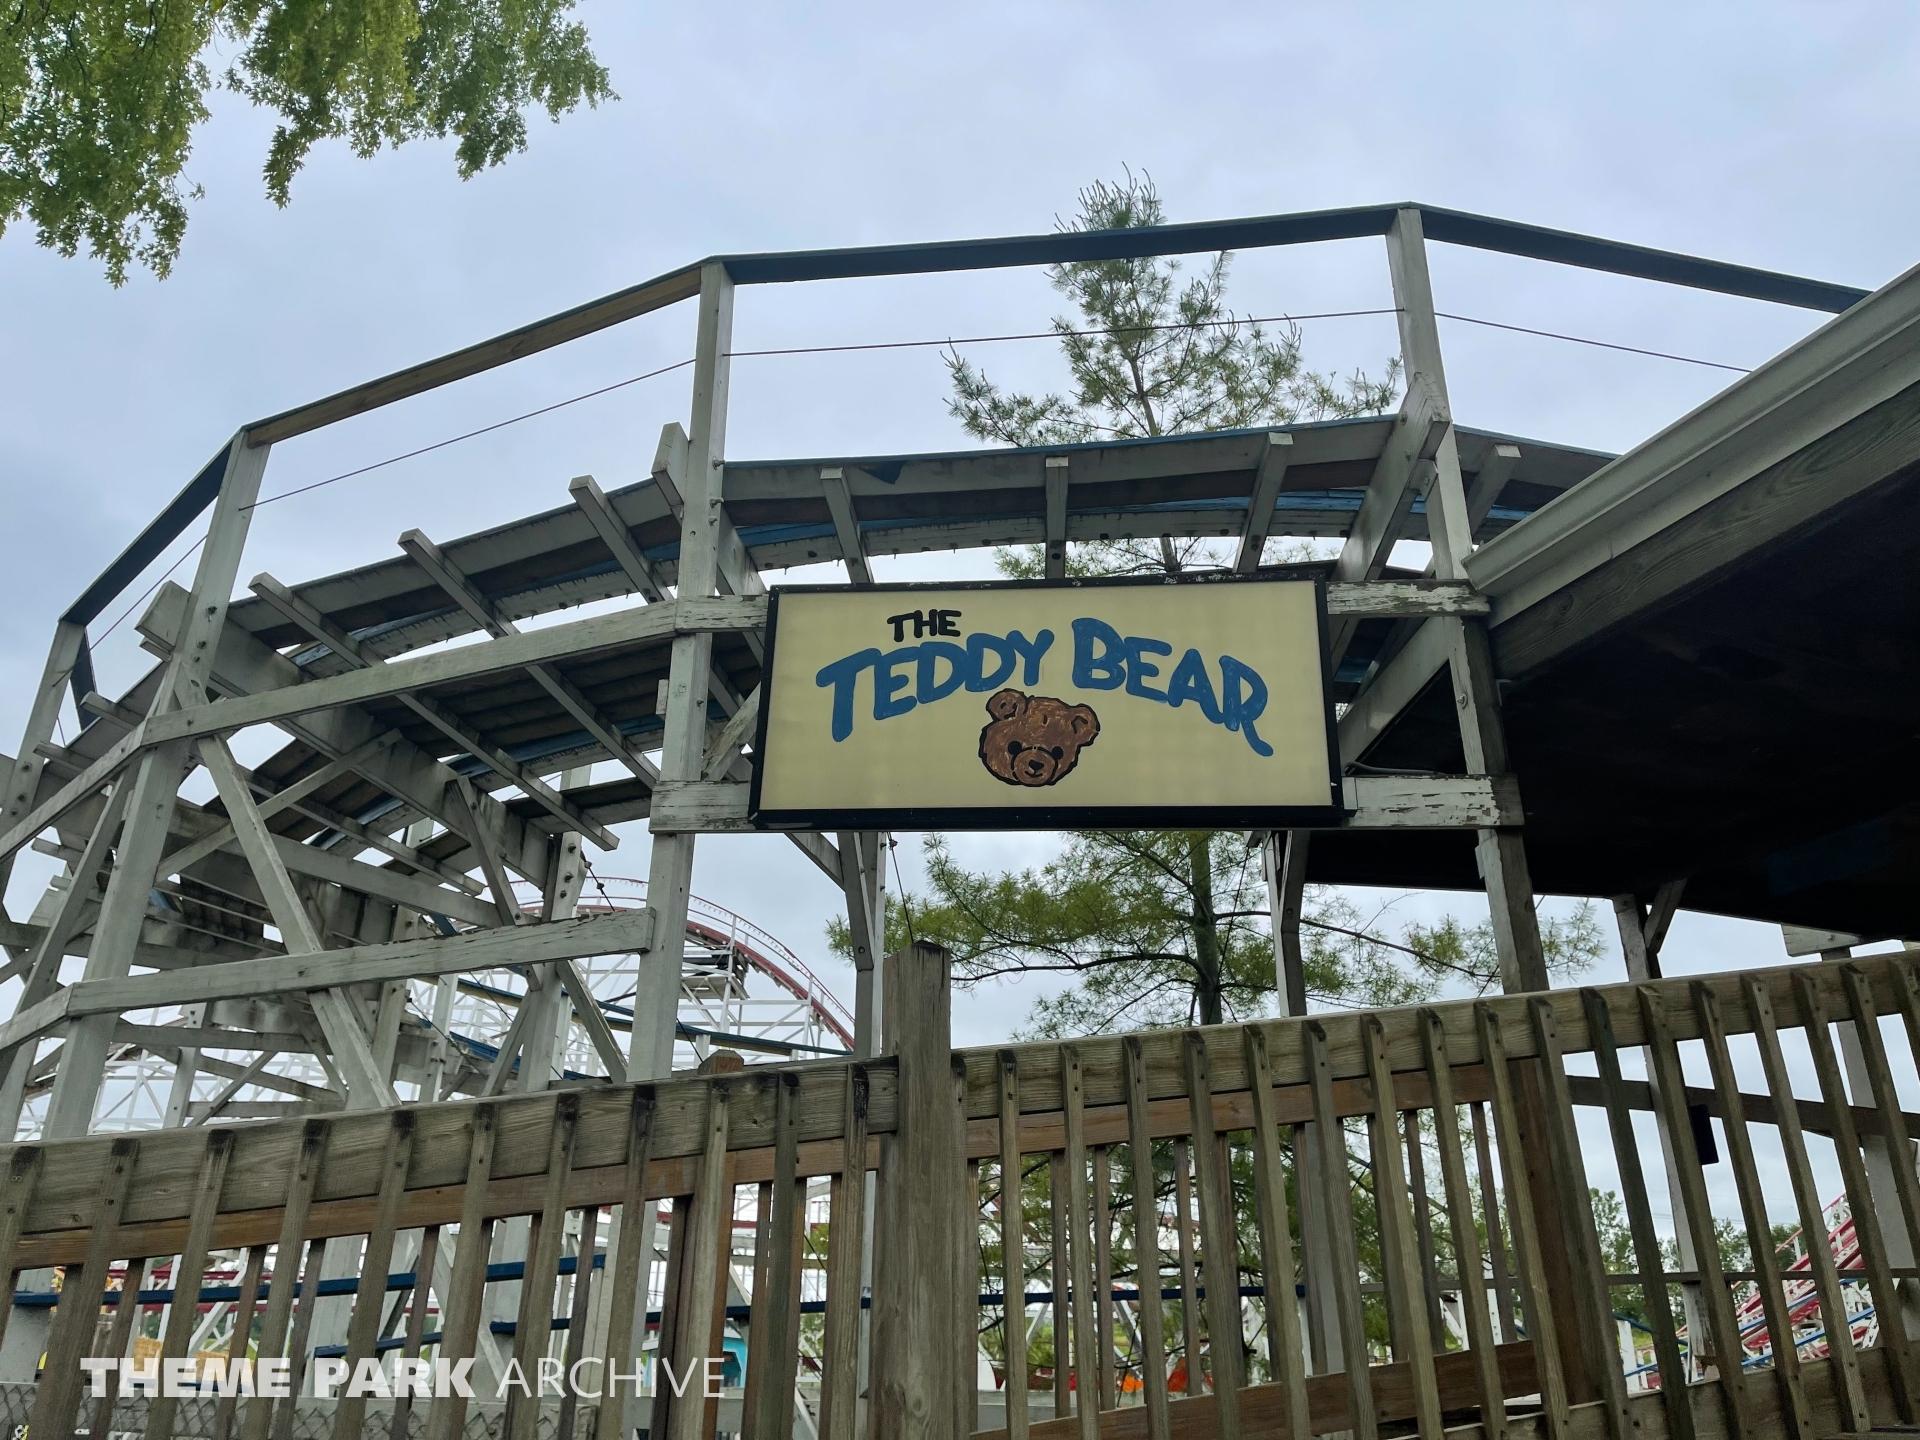 The Teddy Bear at Stricker's Grove